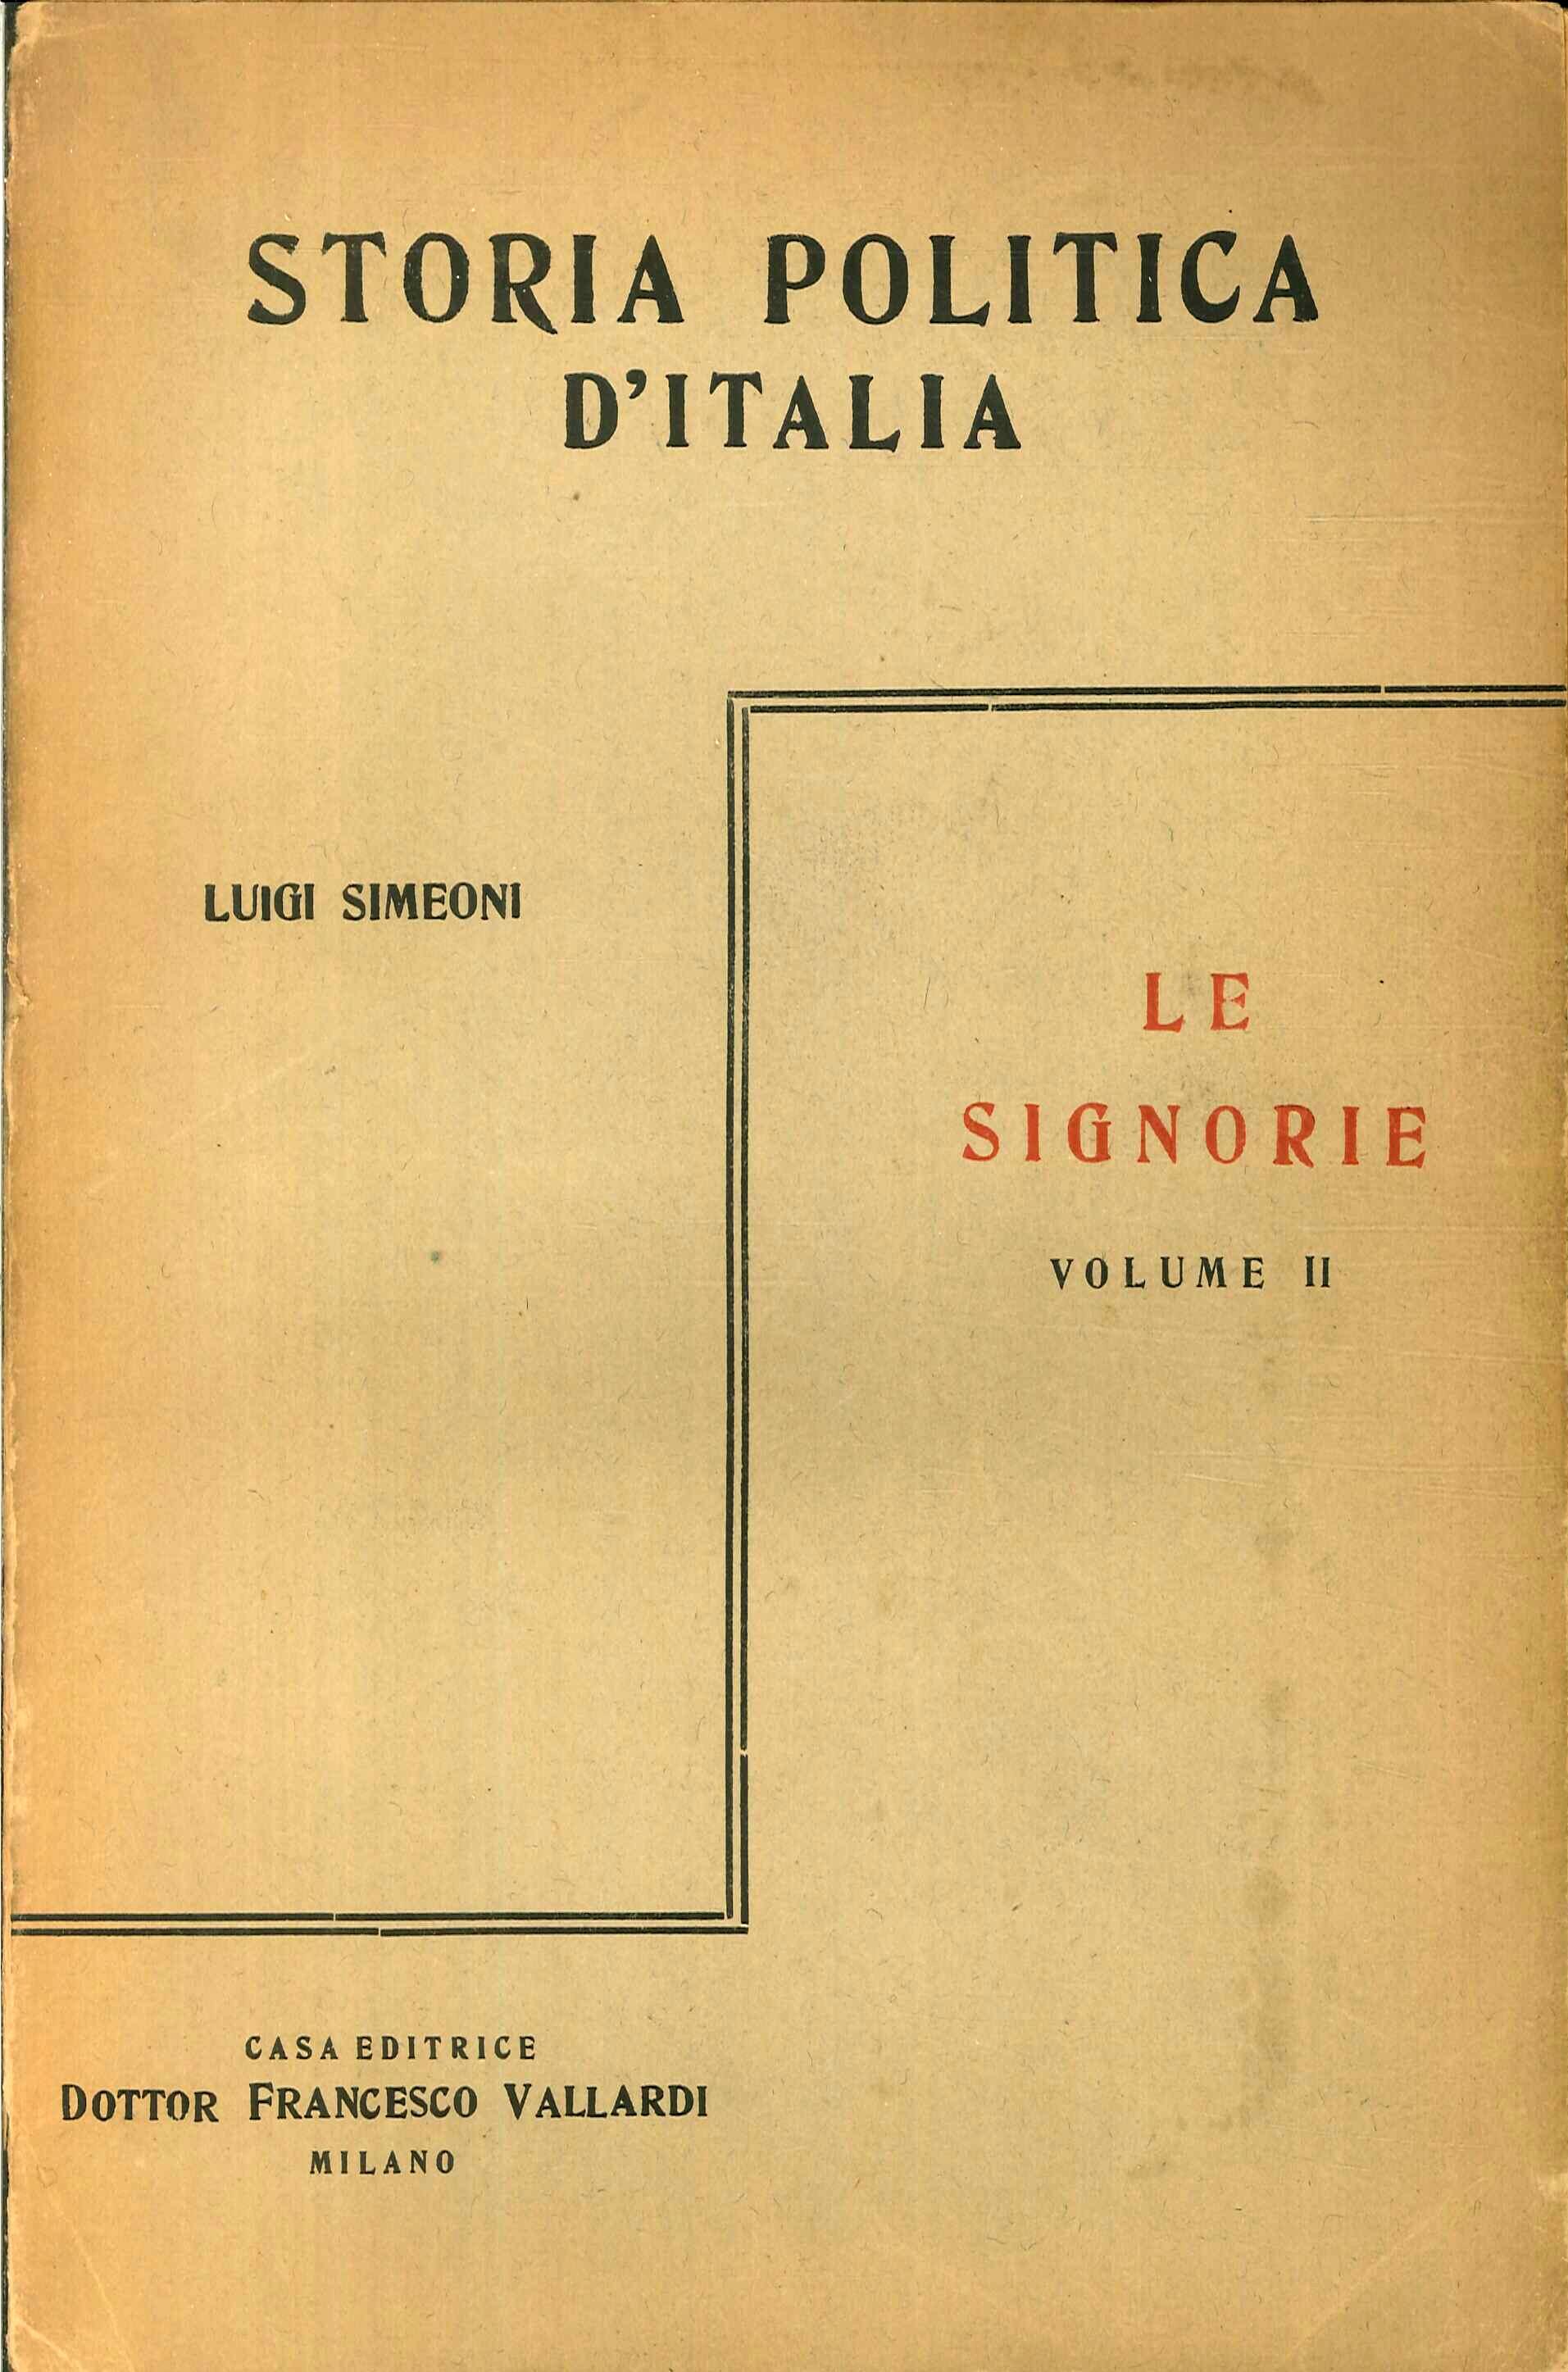 Storia Politica d'Italia dalle Origini ai Giorni Nostri. Le Signorie. Volume II